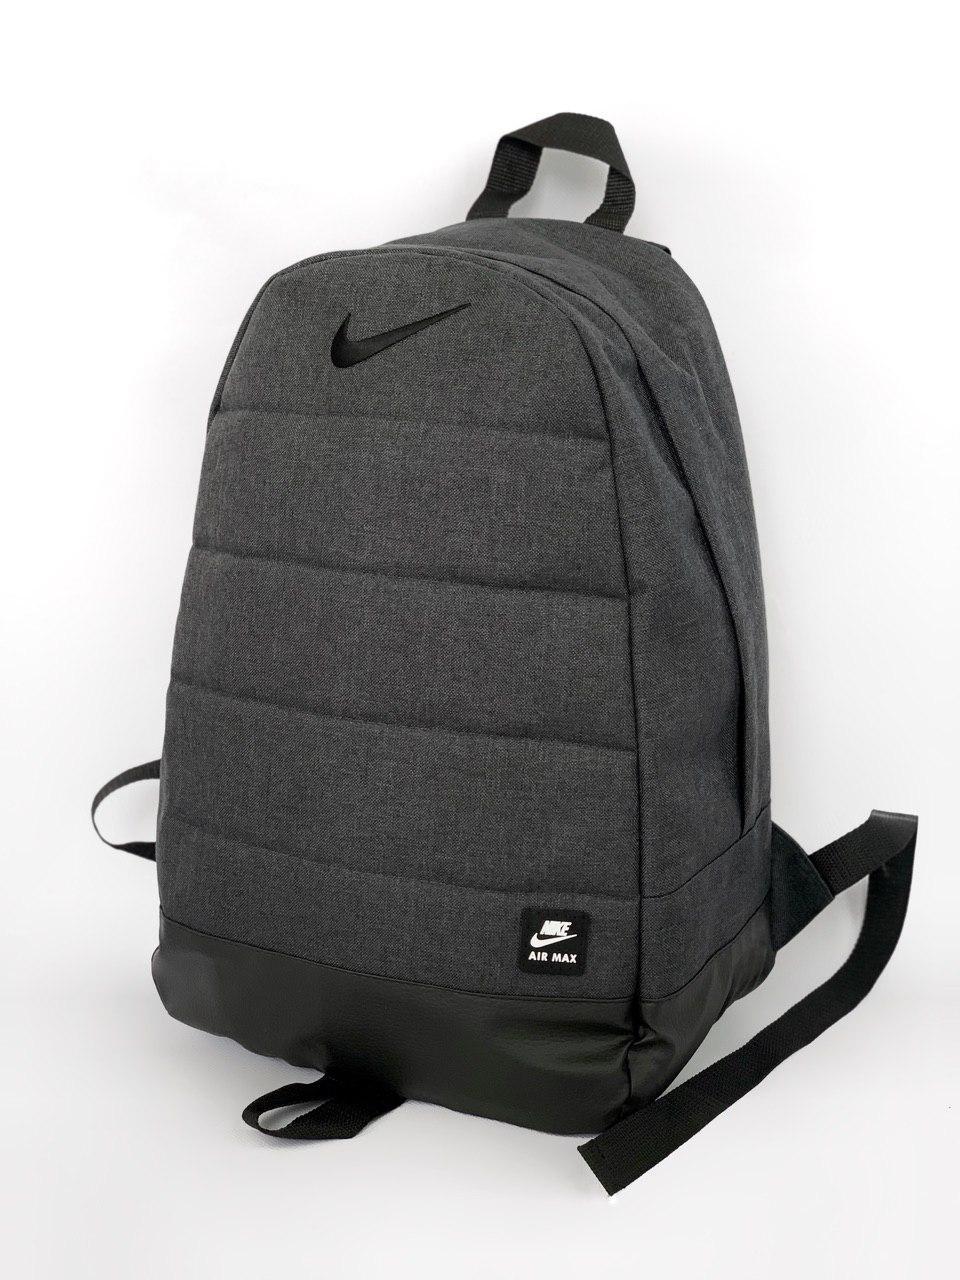 Рюкзак Найк / Nike / AIR мужской   женский темно - серый спортивный черное лого